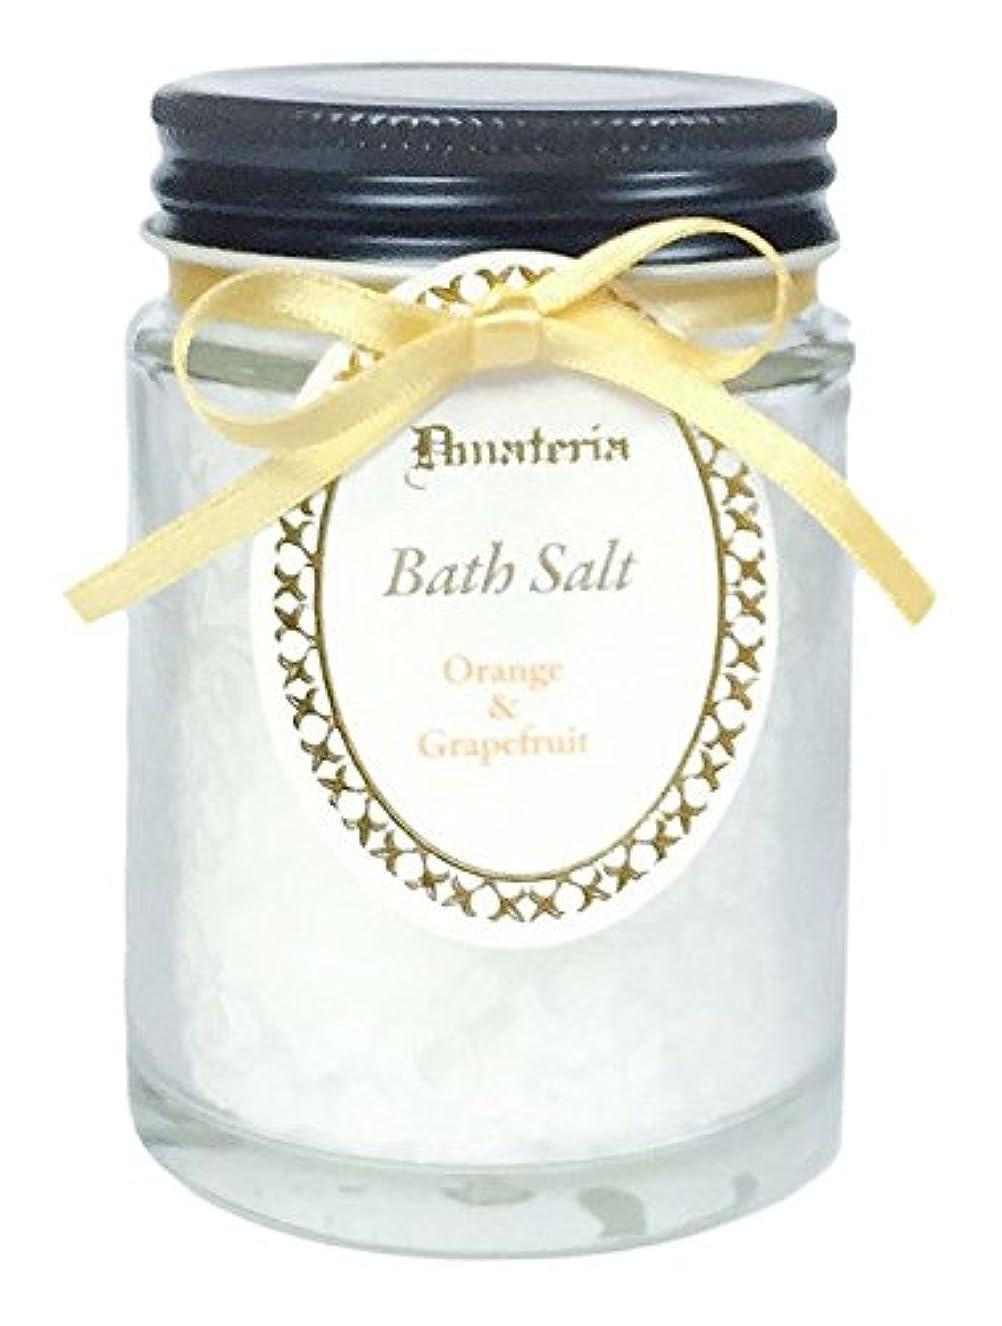 高齢者全国プレゼンターD materia バスソルト オレンジ&グレープフルーツ Orange&Grapefruit Bath Salt ディーマテリア